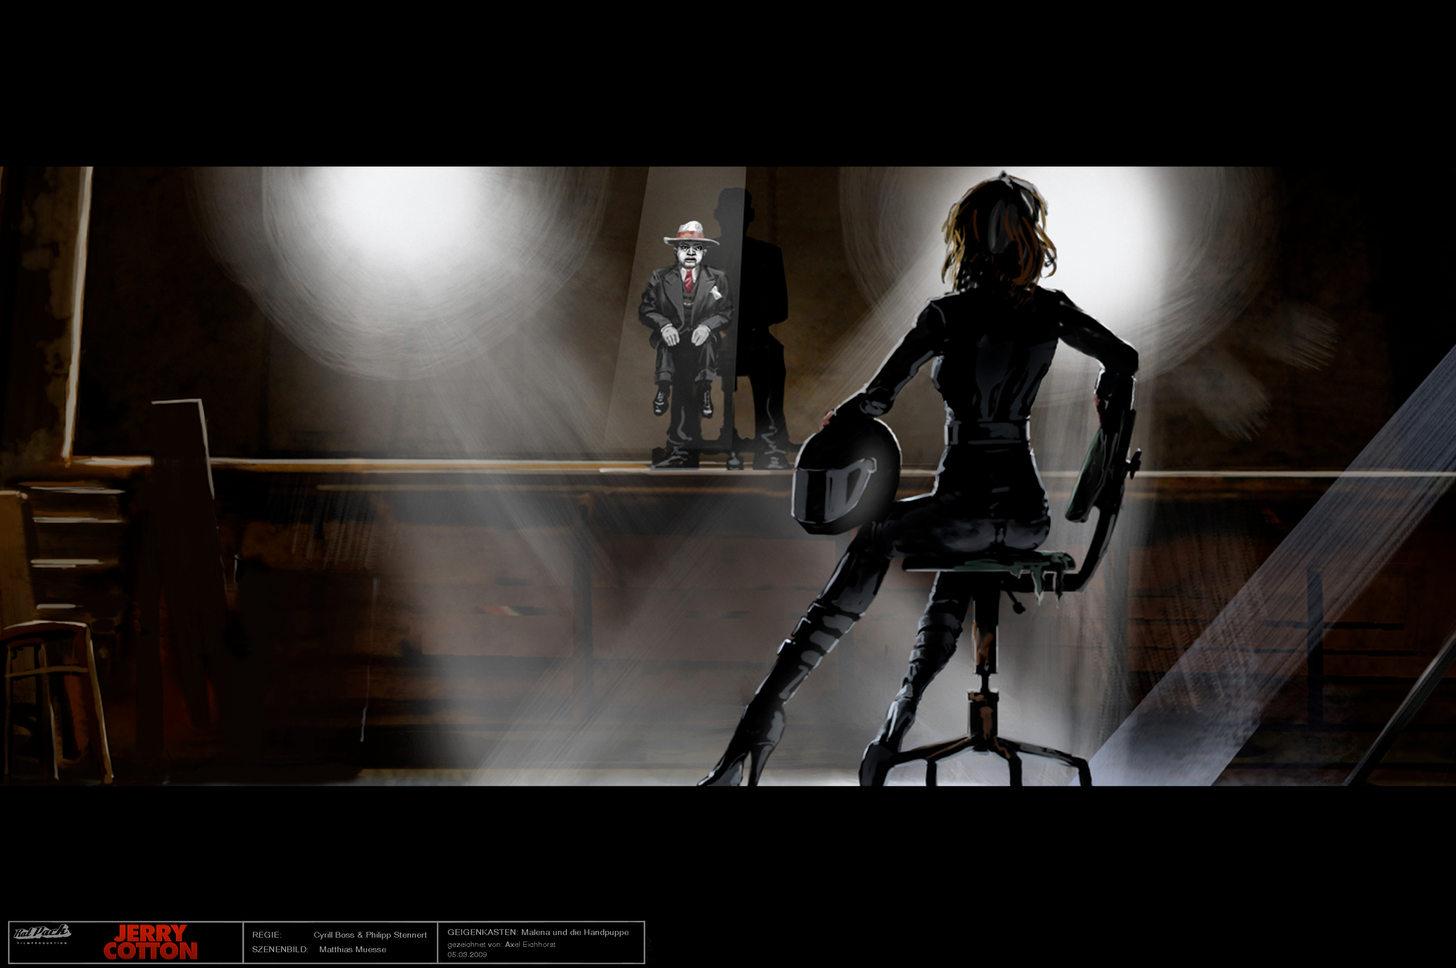 Geigenkasten (C.U.Puppe).jpg